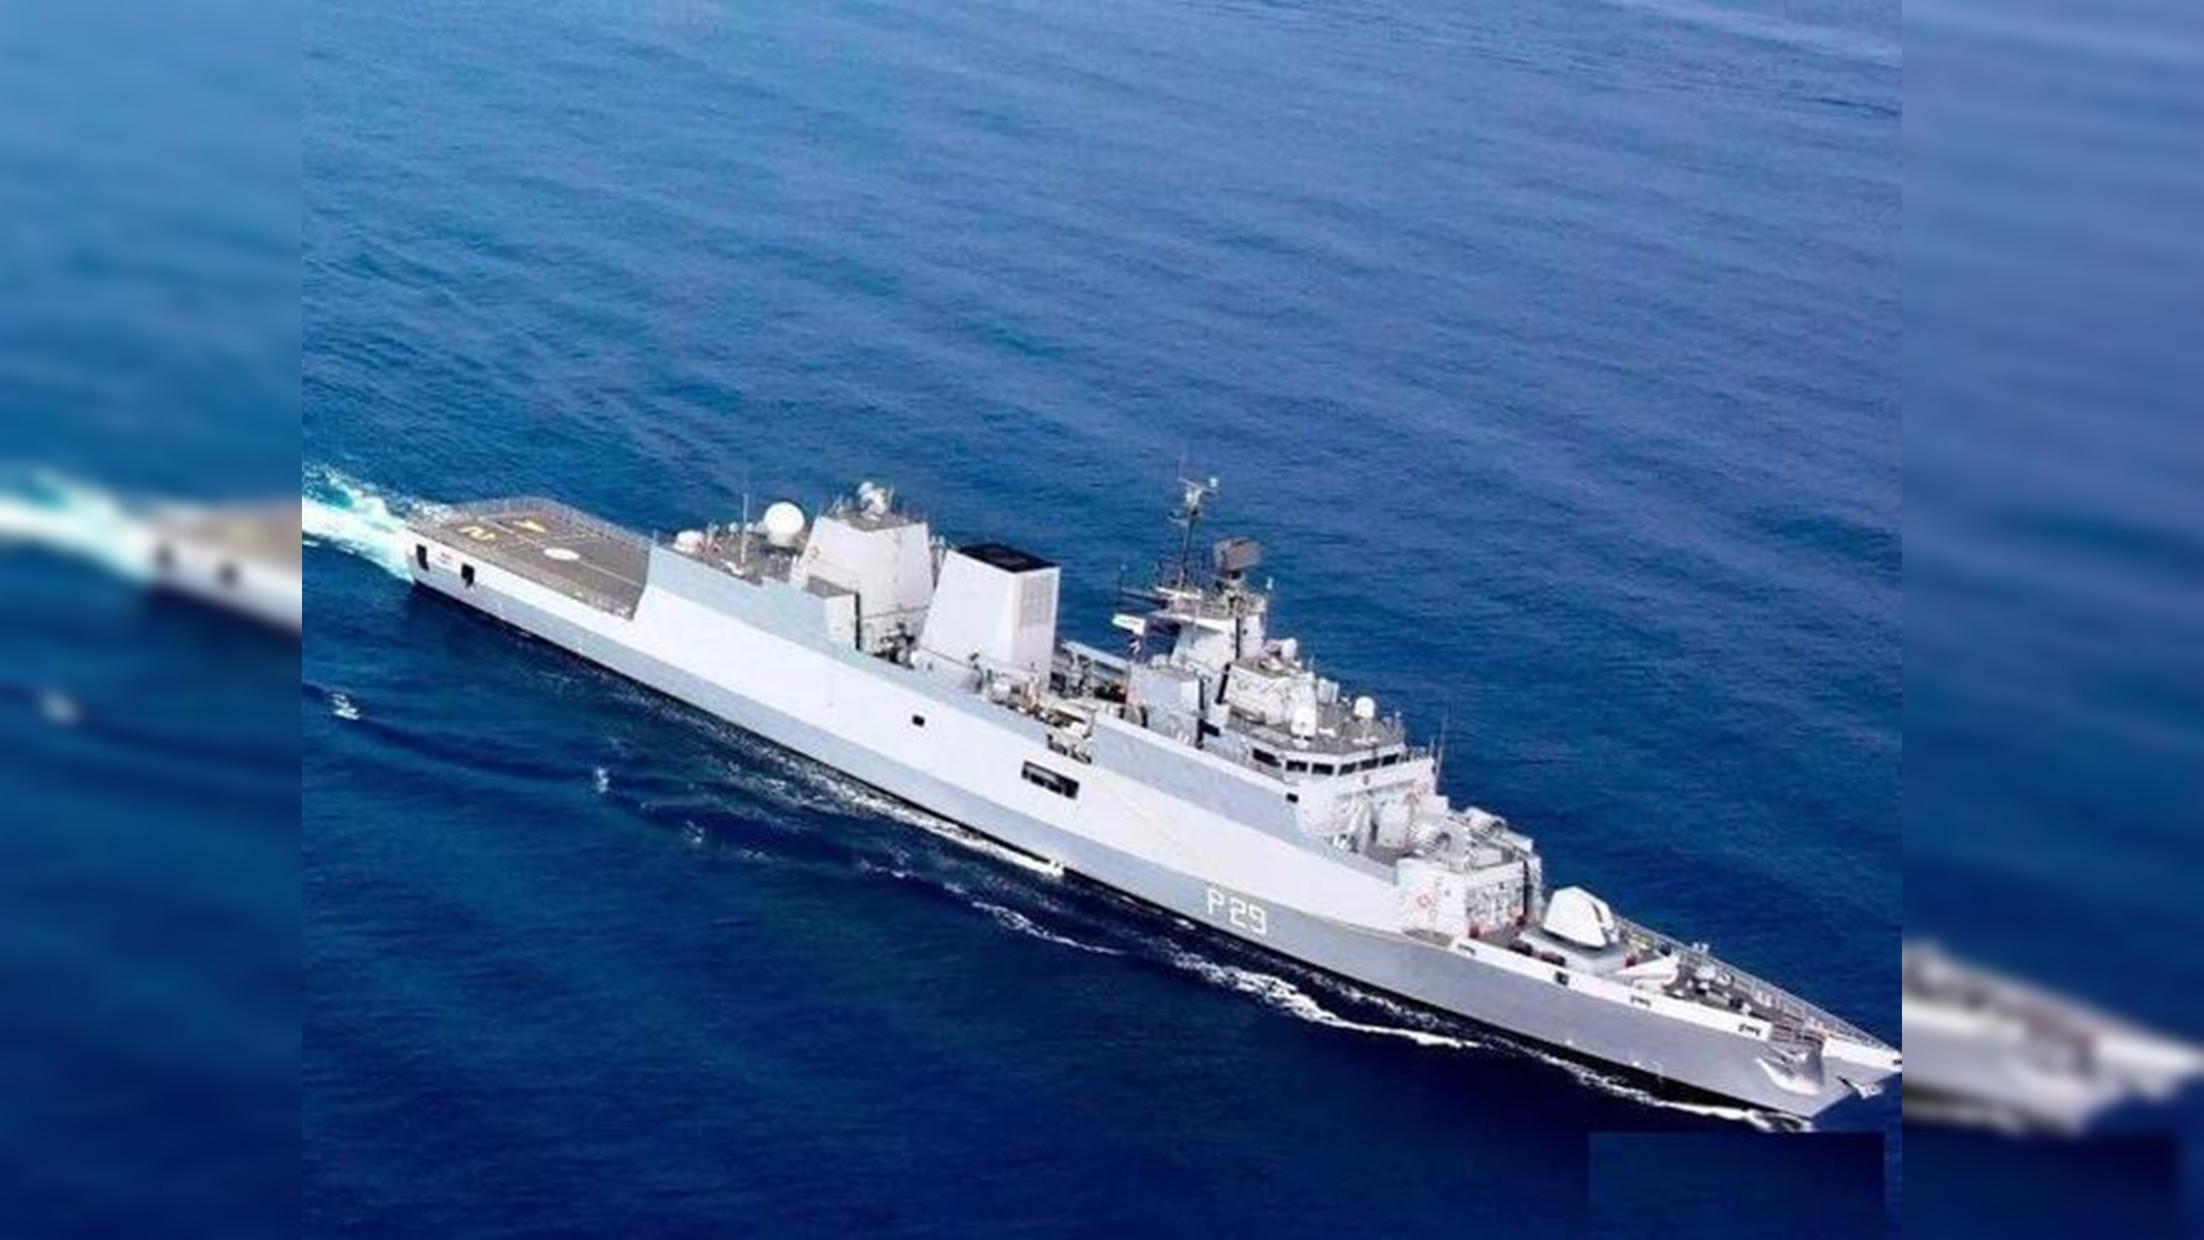 伊朗有救了?亚洲大国连派多舰,正面对峙英舰,连美军都不惧